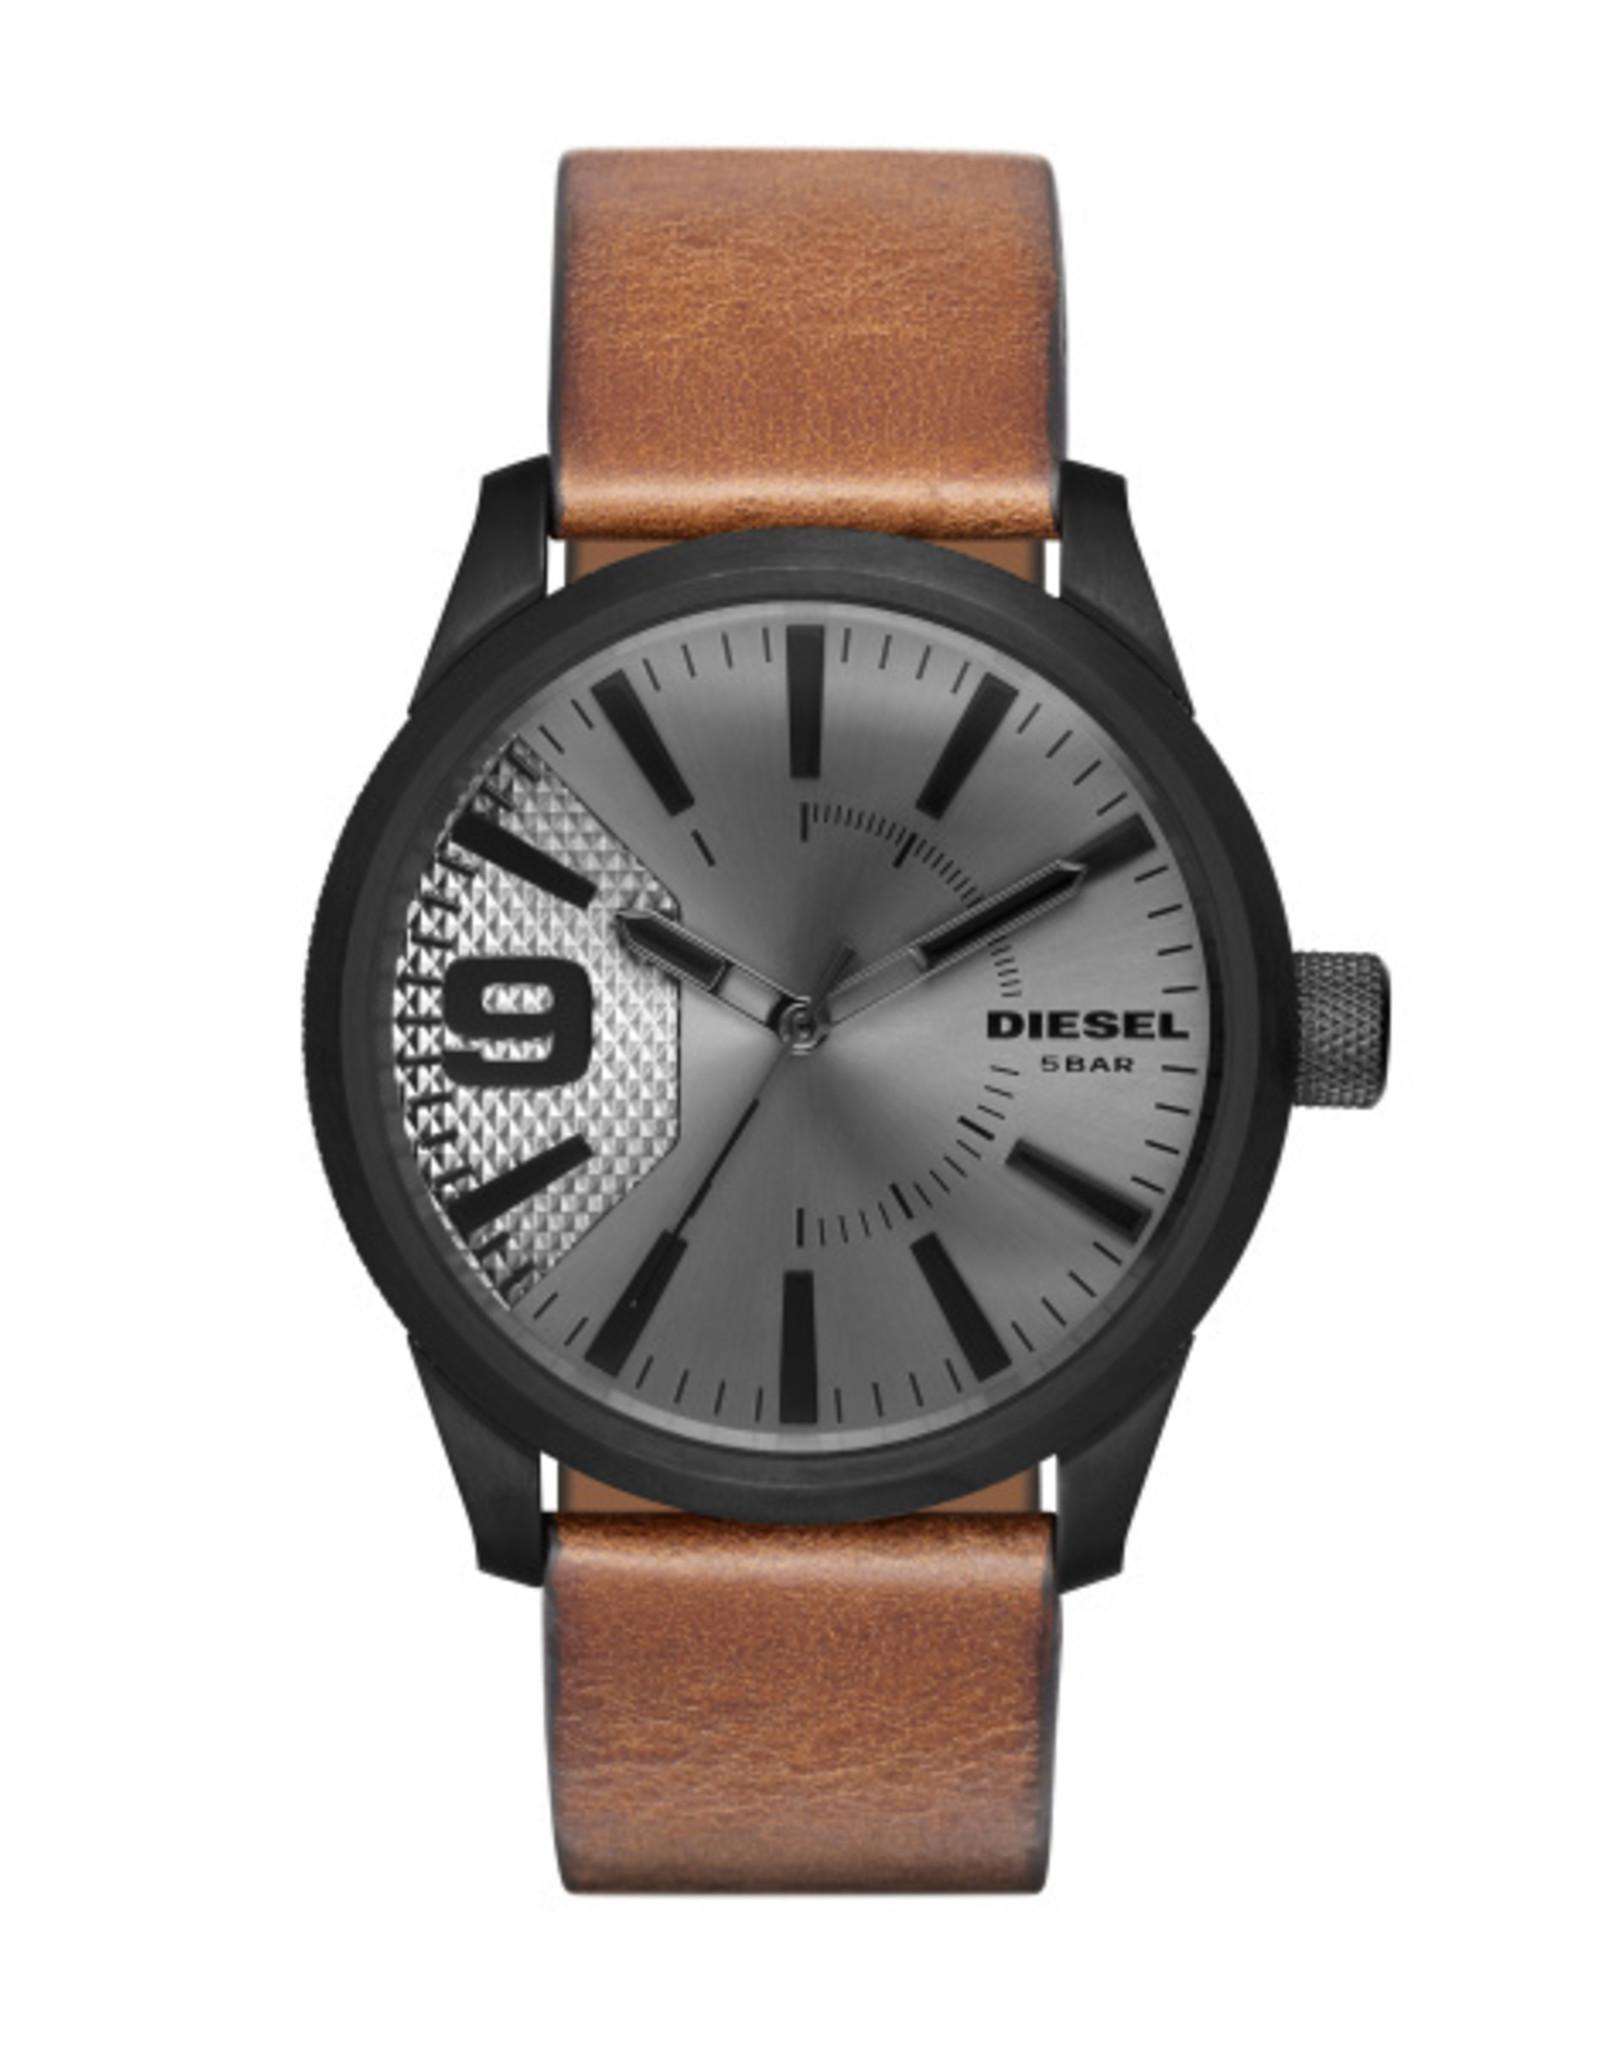 Diesel dz1764